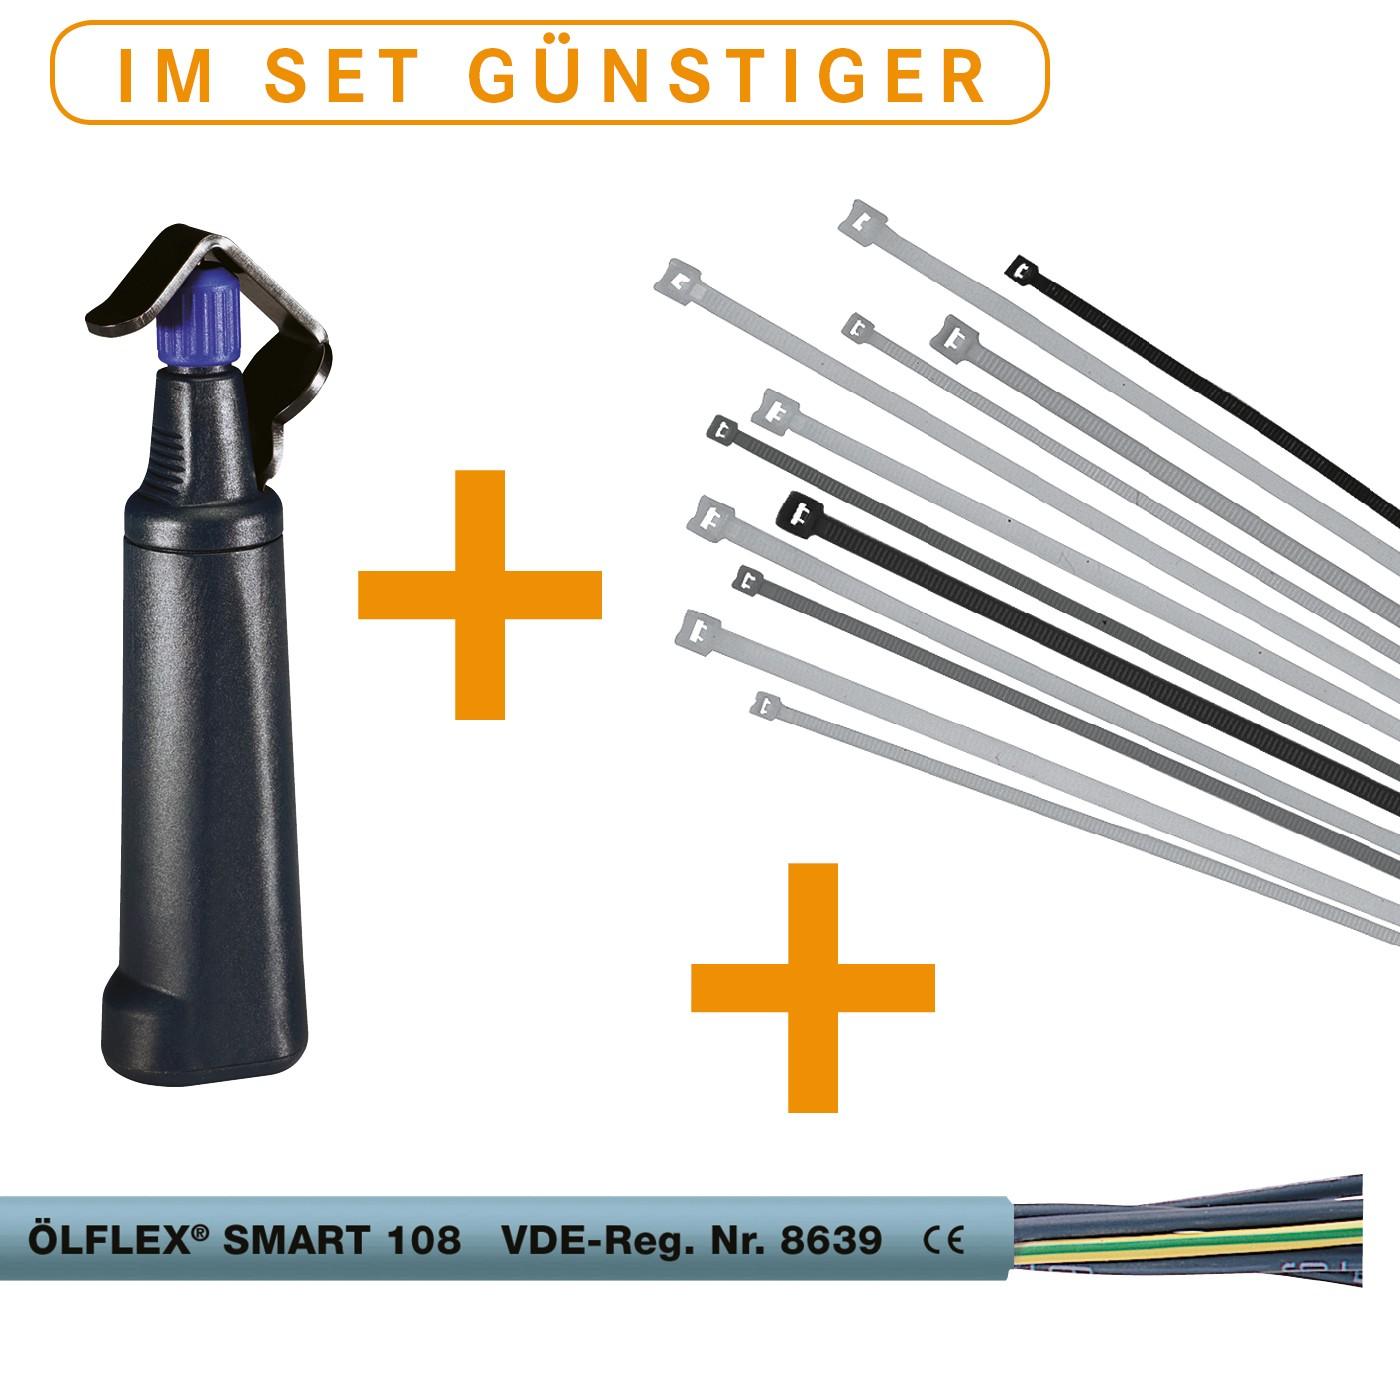 ÖLFLEX® SMART 108 Markenpaket